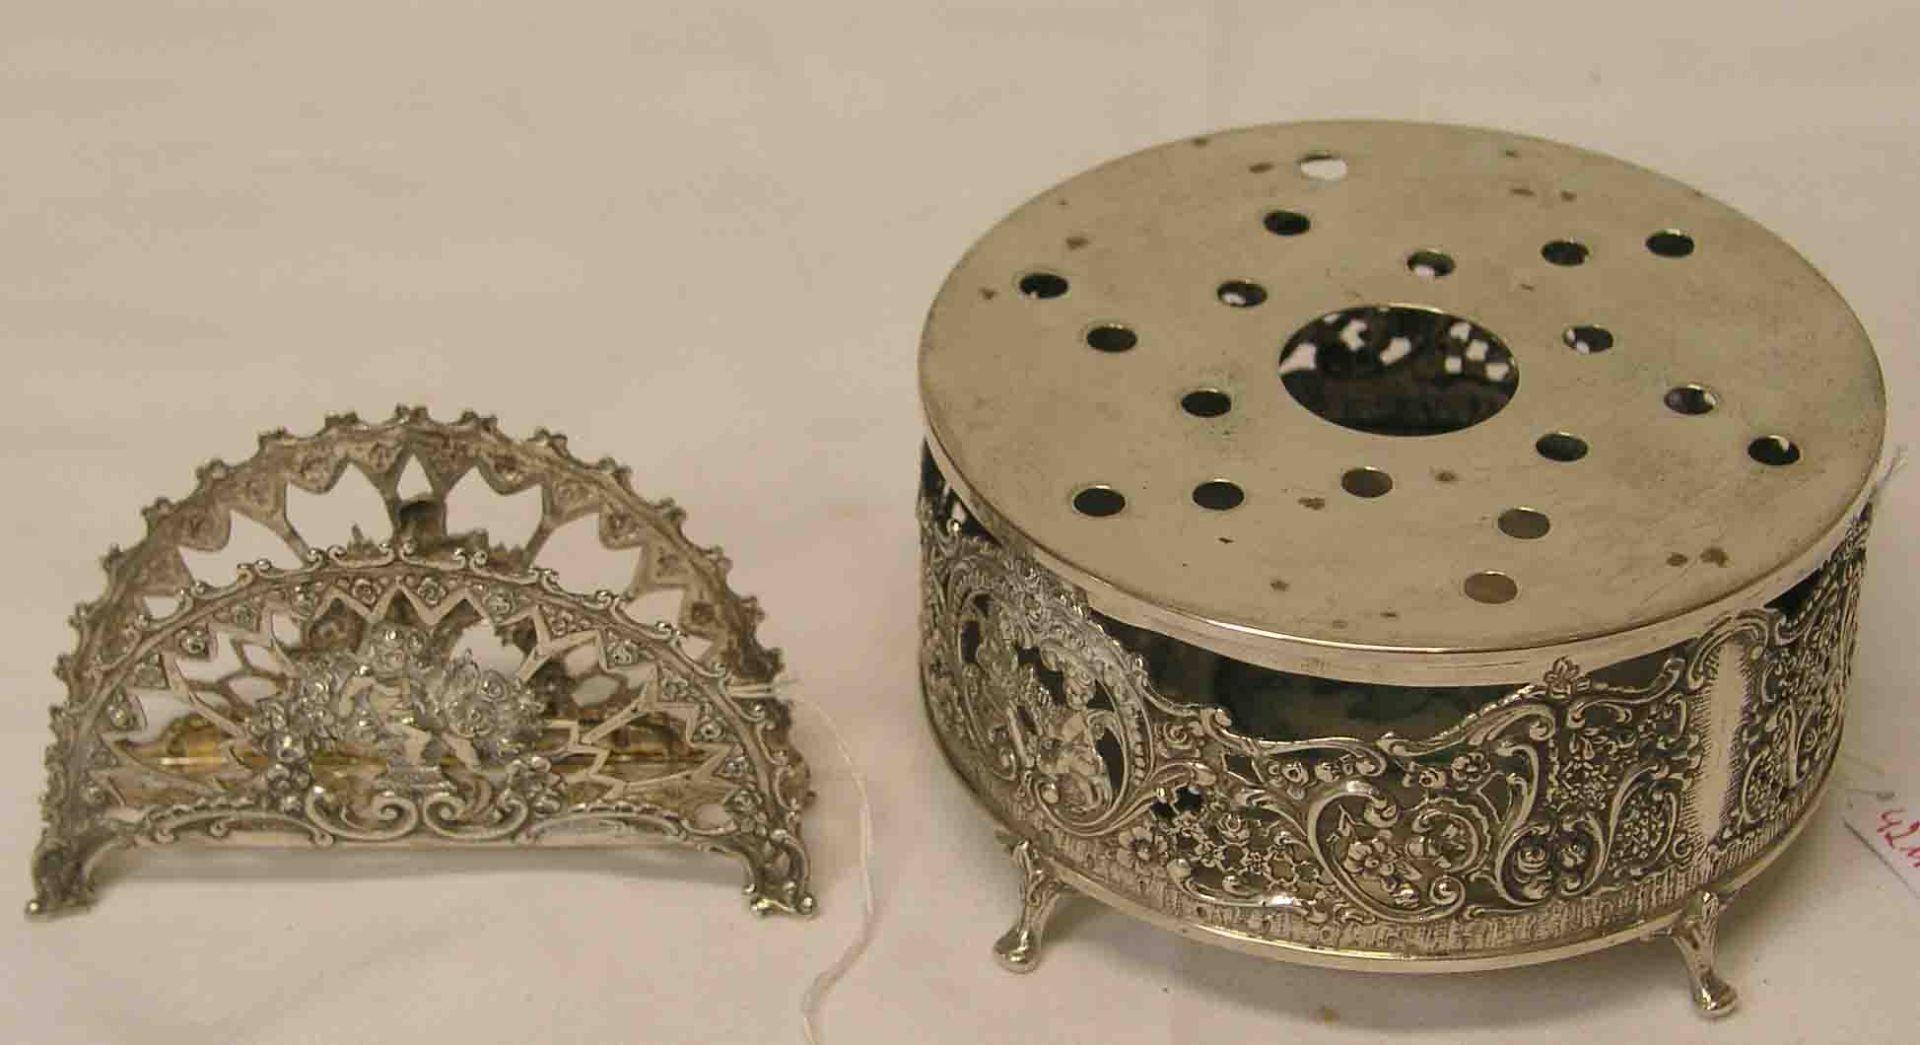 Serviettenbehälter, Silber und